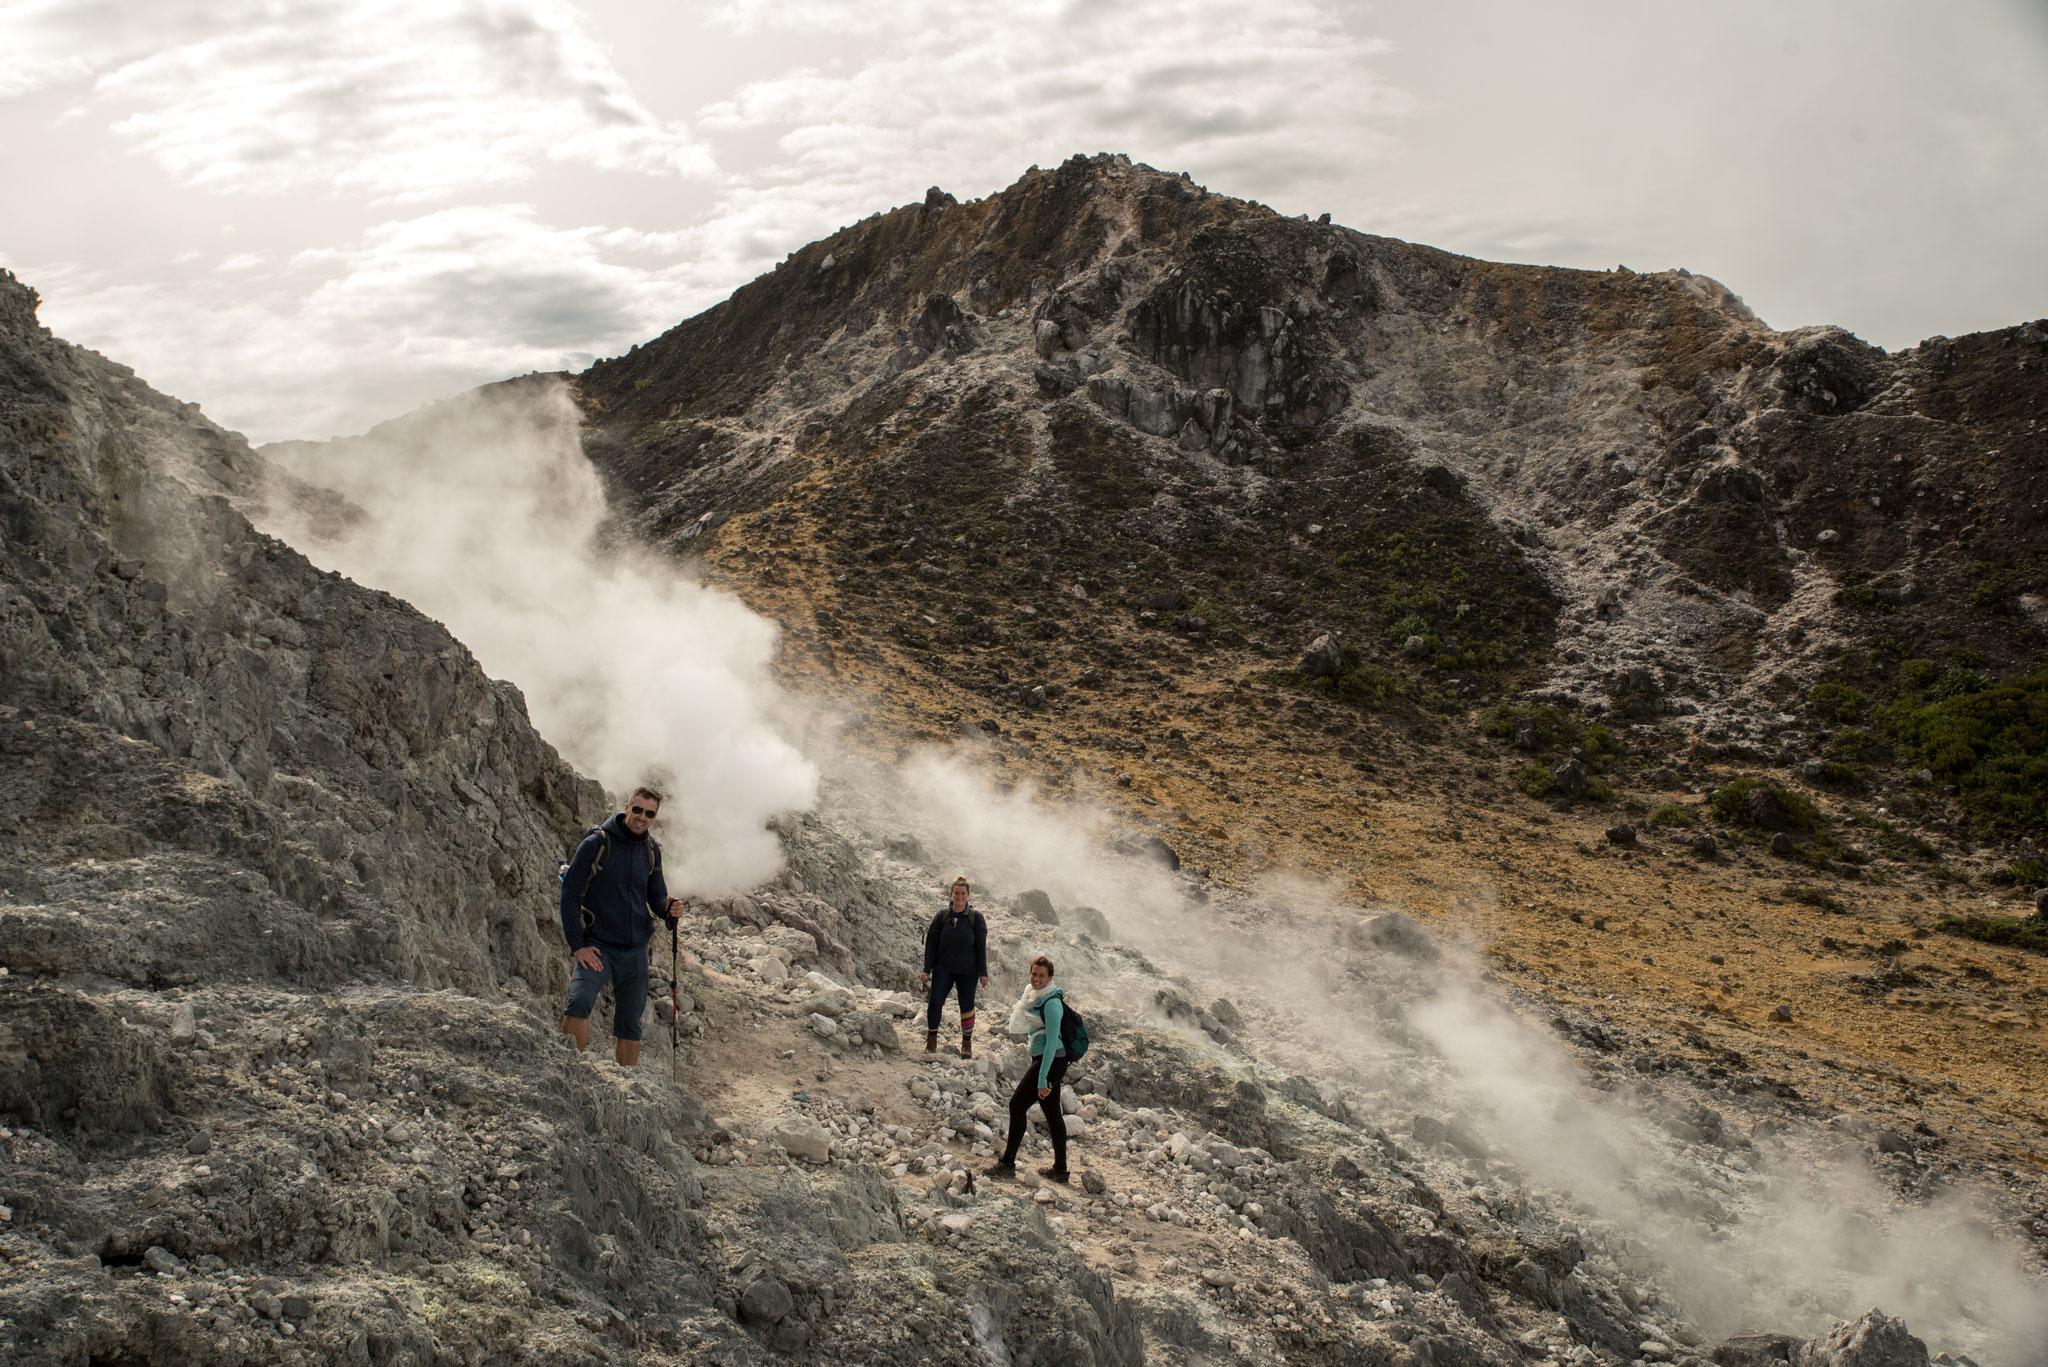 Vulkantour mit Jette und Alice